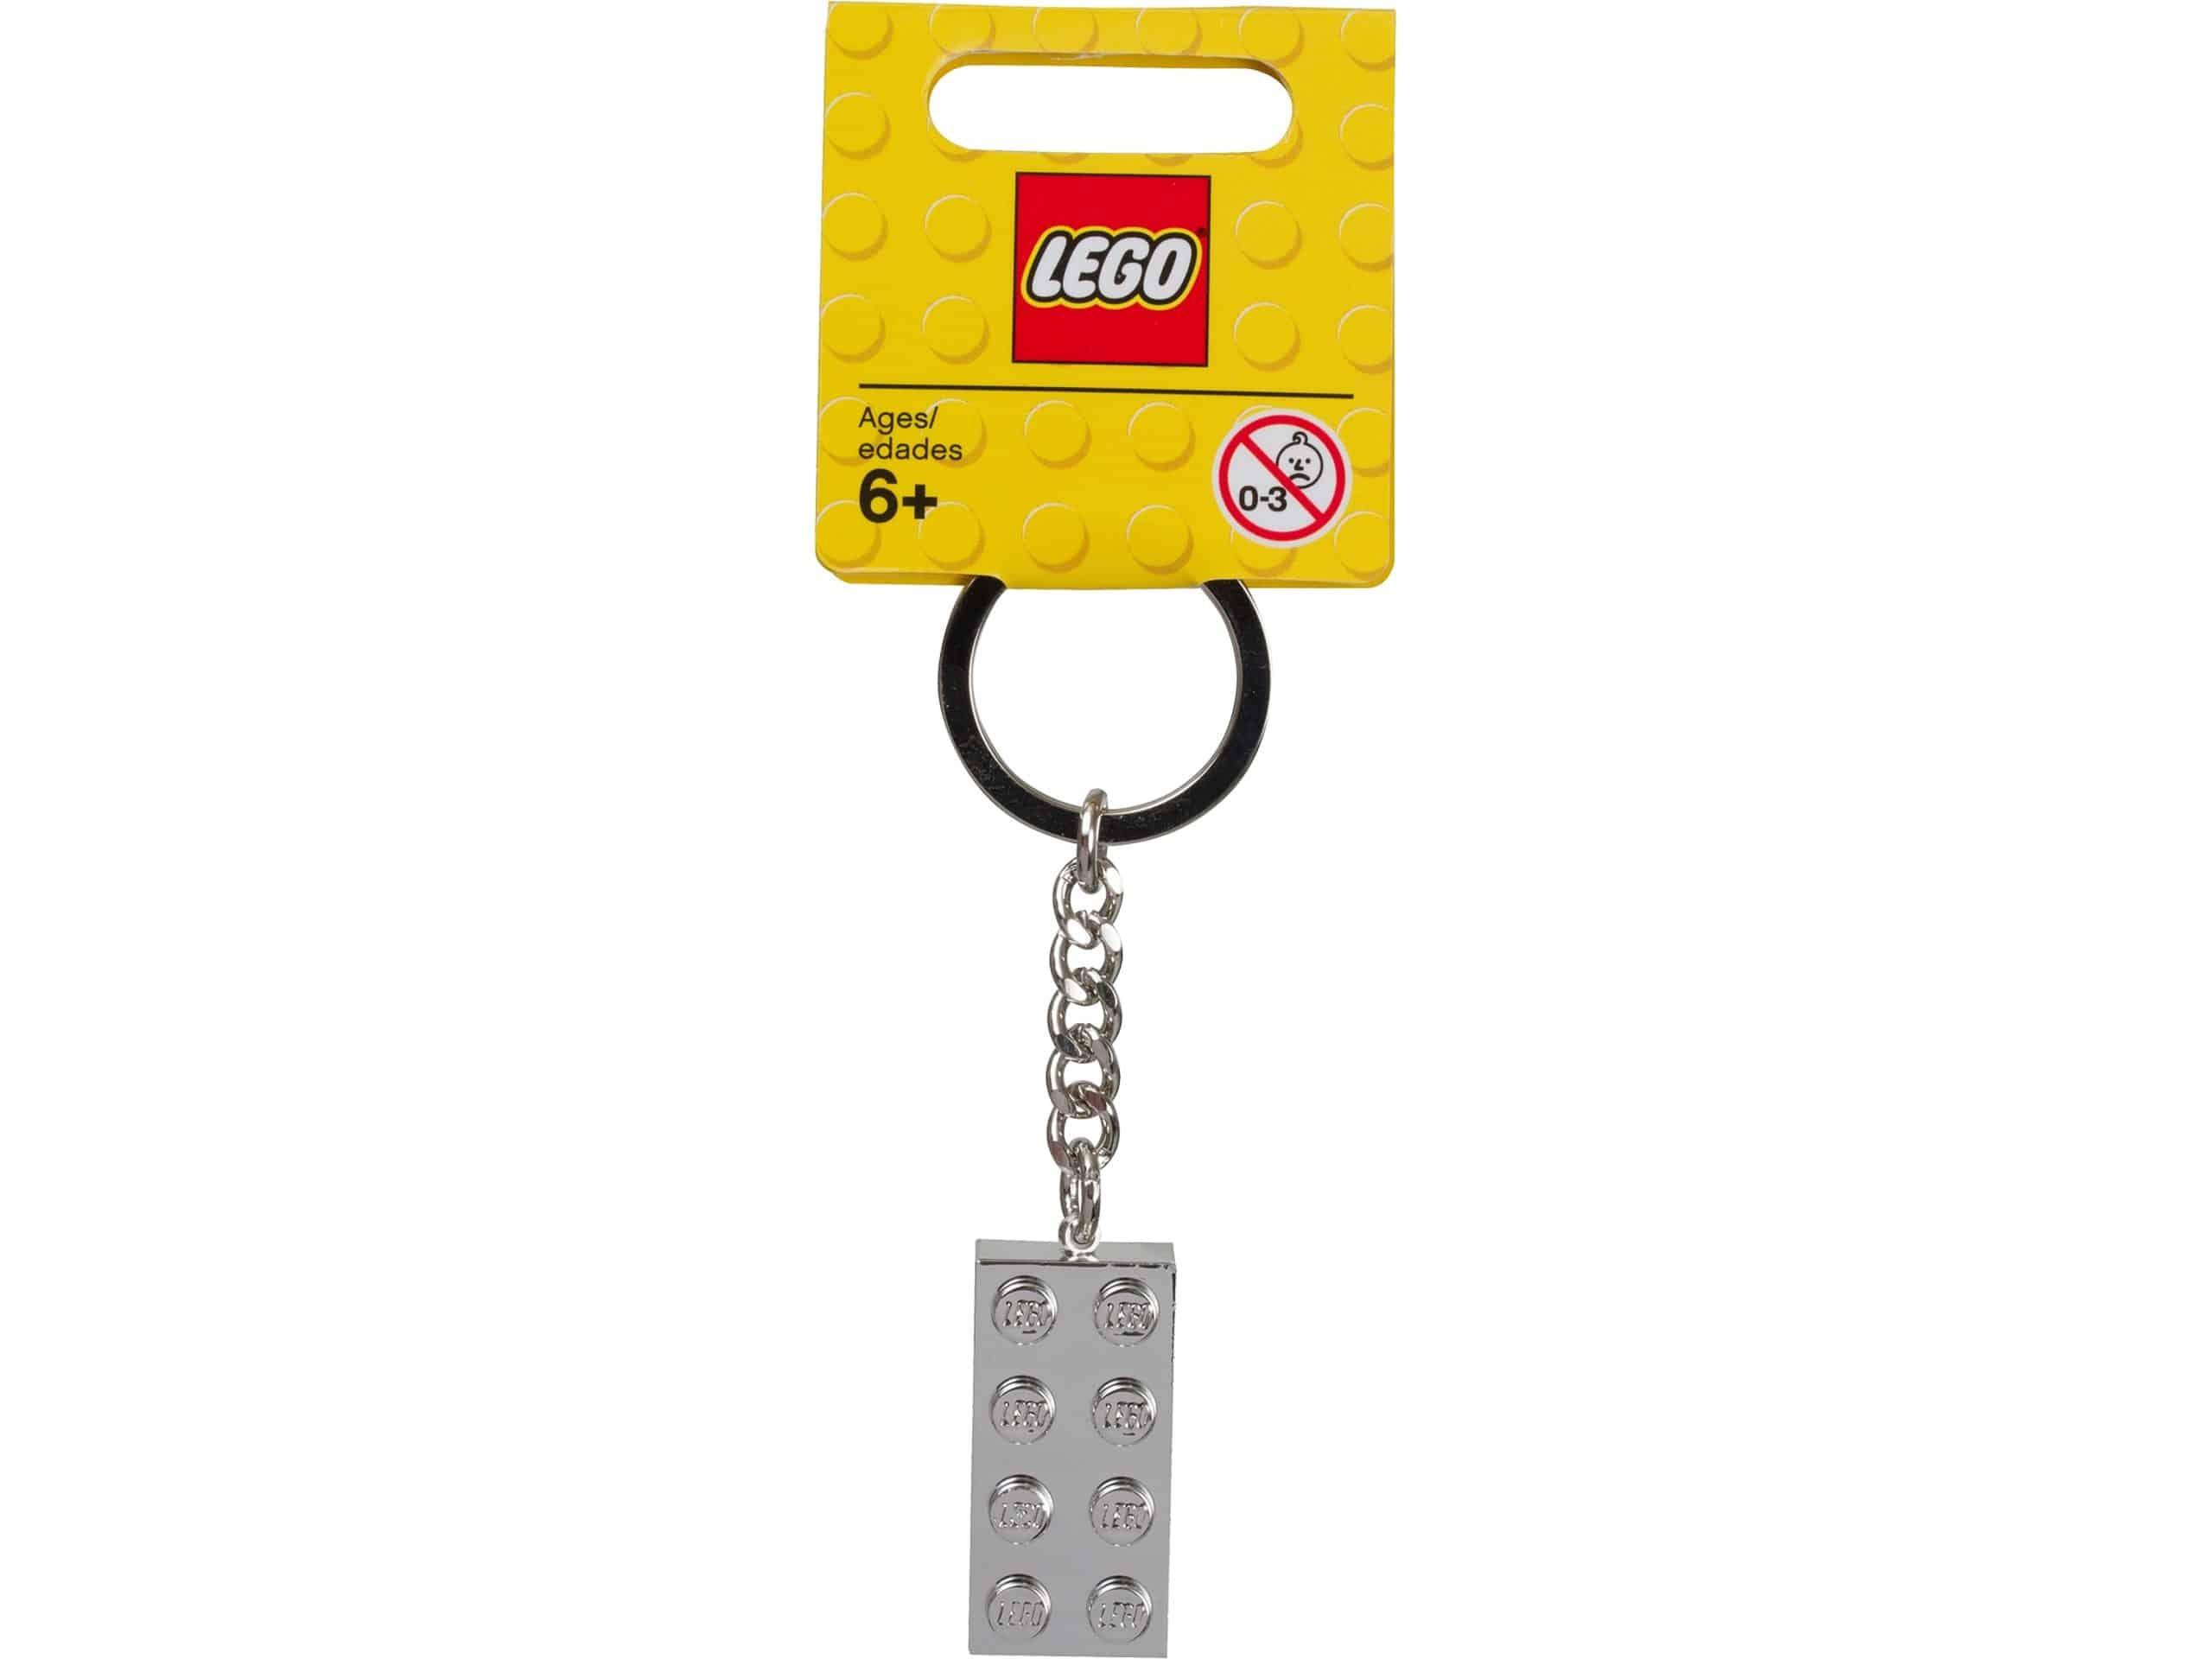 lego 851406 metalized 2x4 key chain scaled